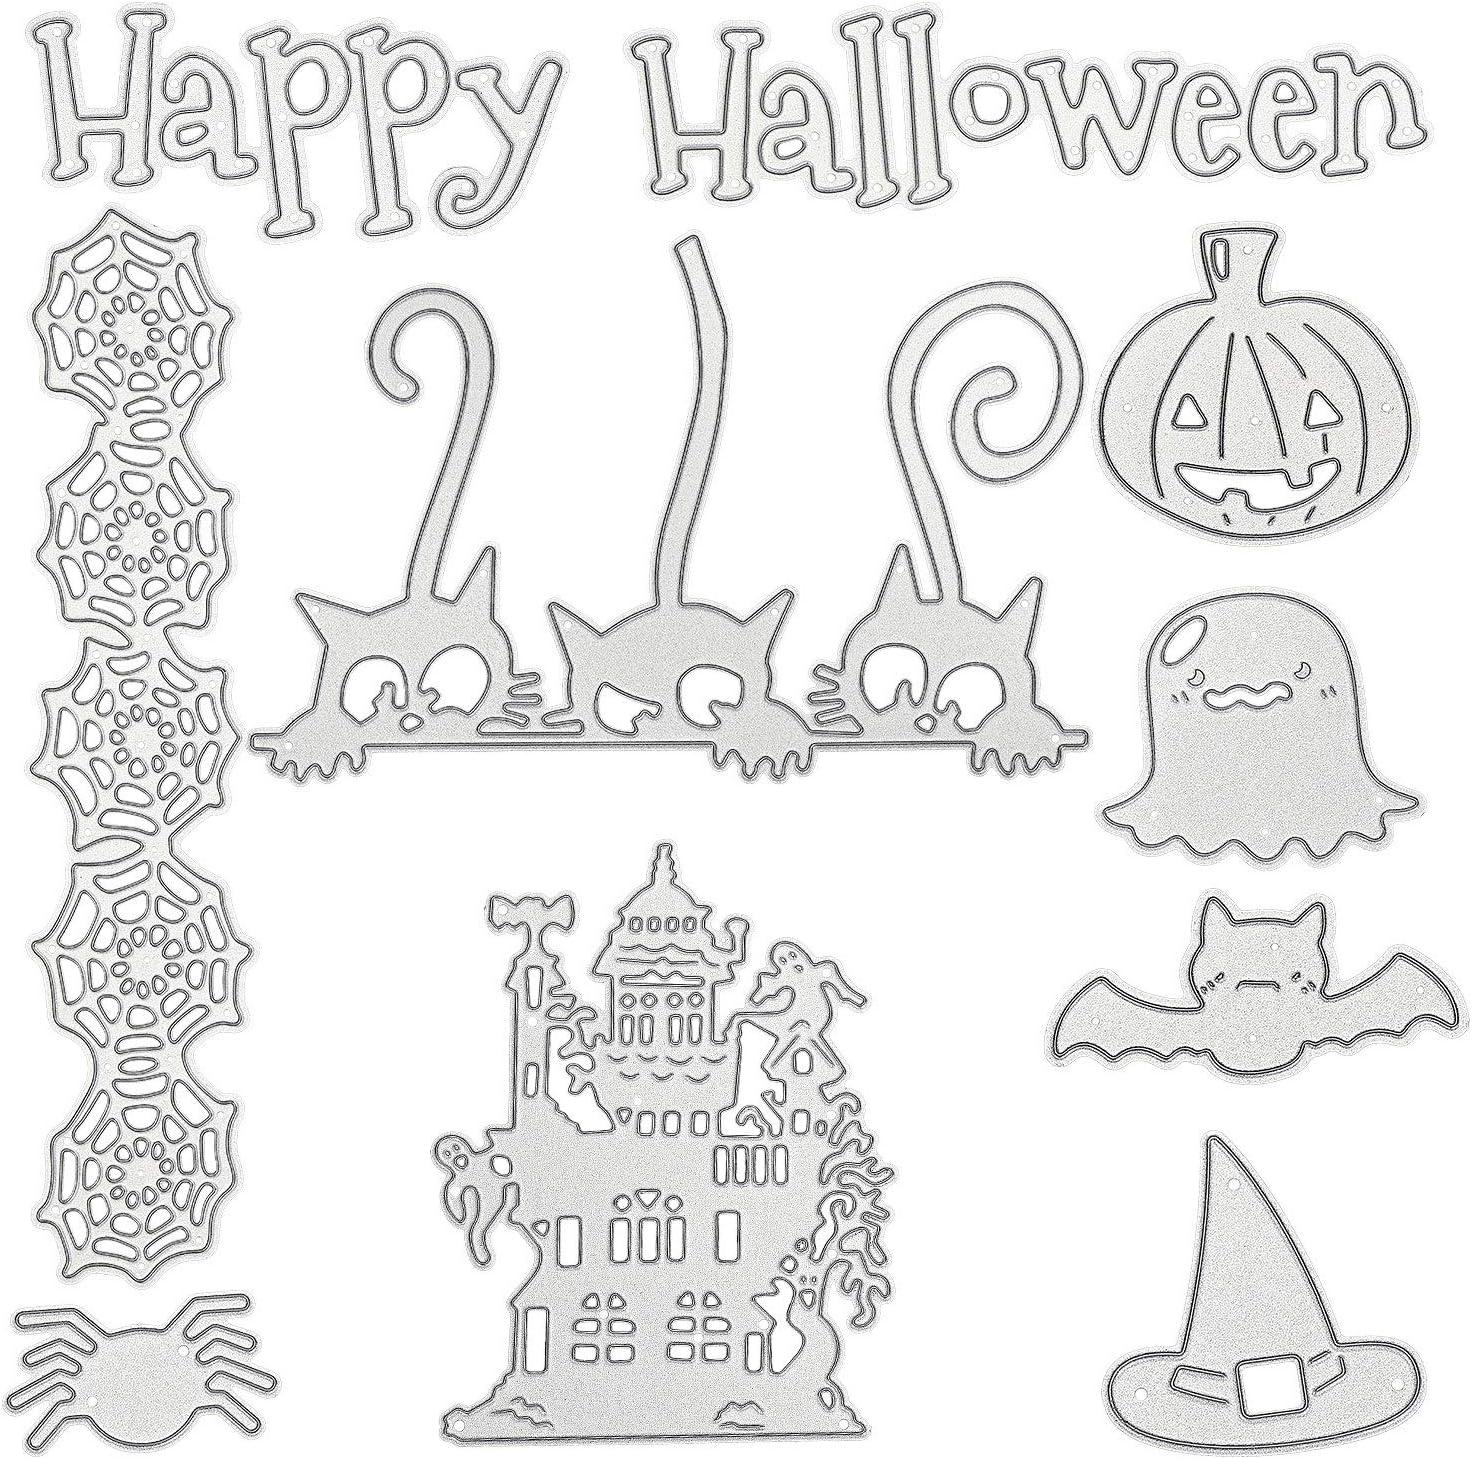 9 Piezas Troqueles de Corte de Halloween Plantilla en Forma de Casa de Calavera Calabaza Troqueles de Corte de Metal para Manualidades de Bricolaje de Tarjeta /Álbume de Recortes de Halloween